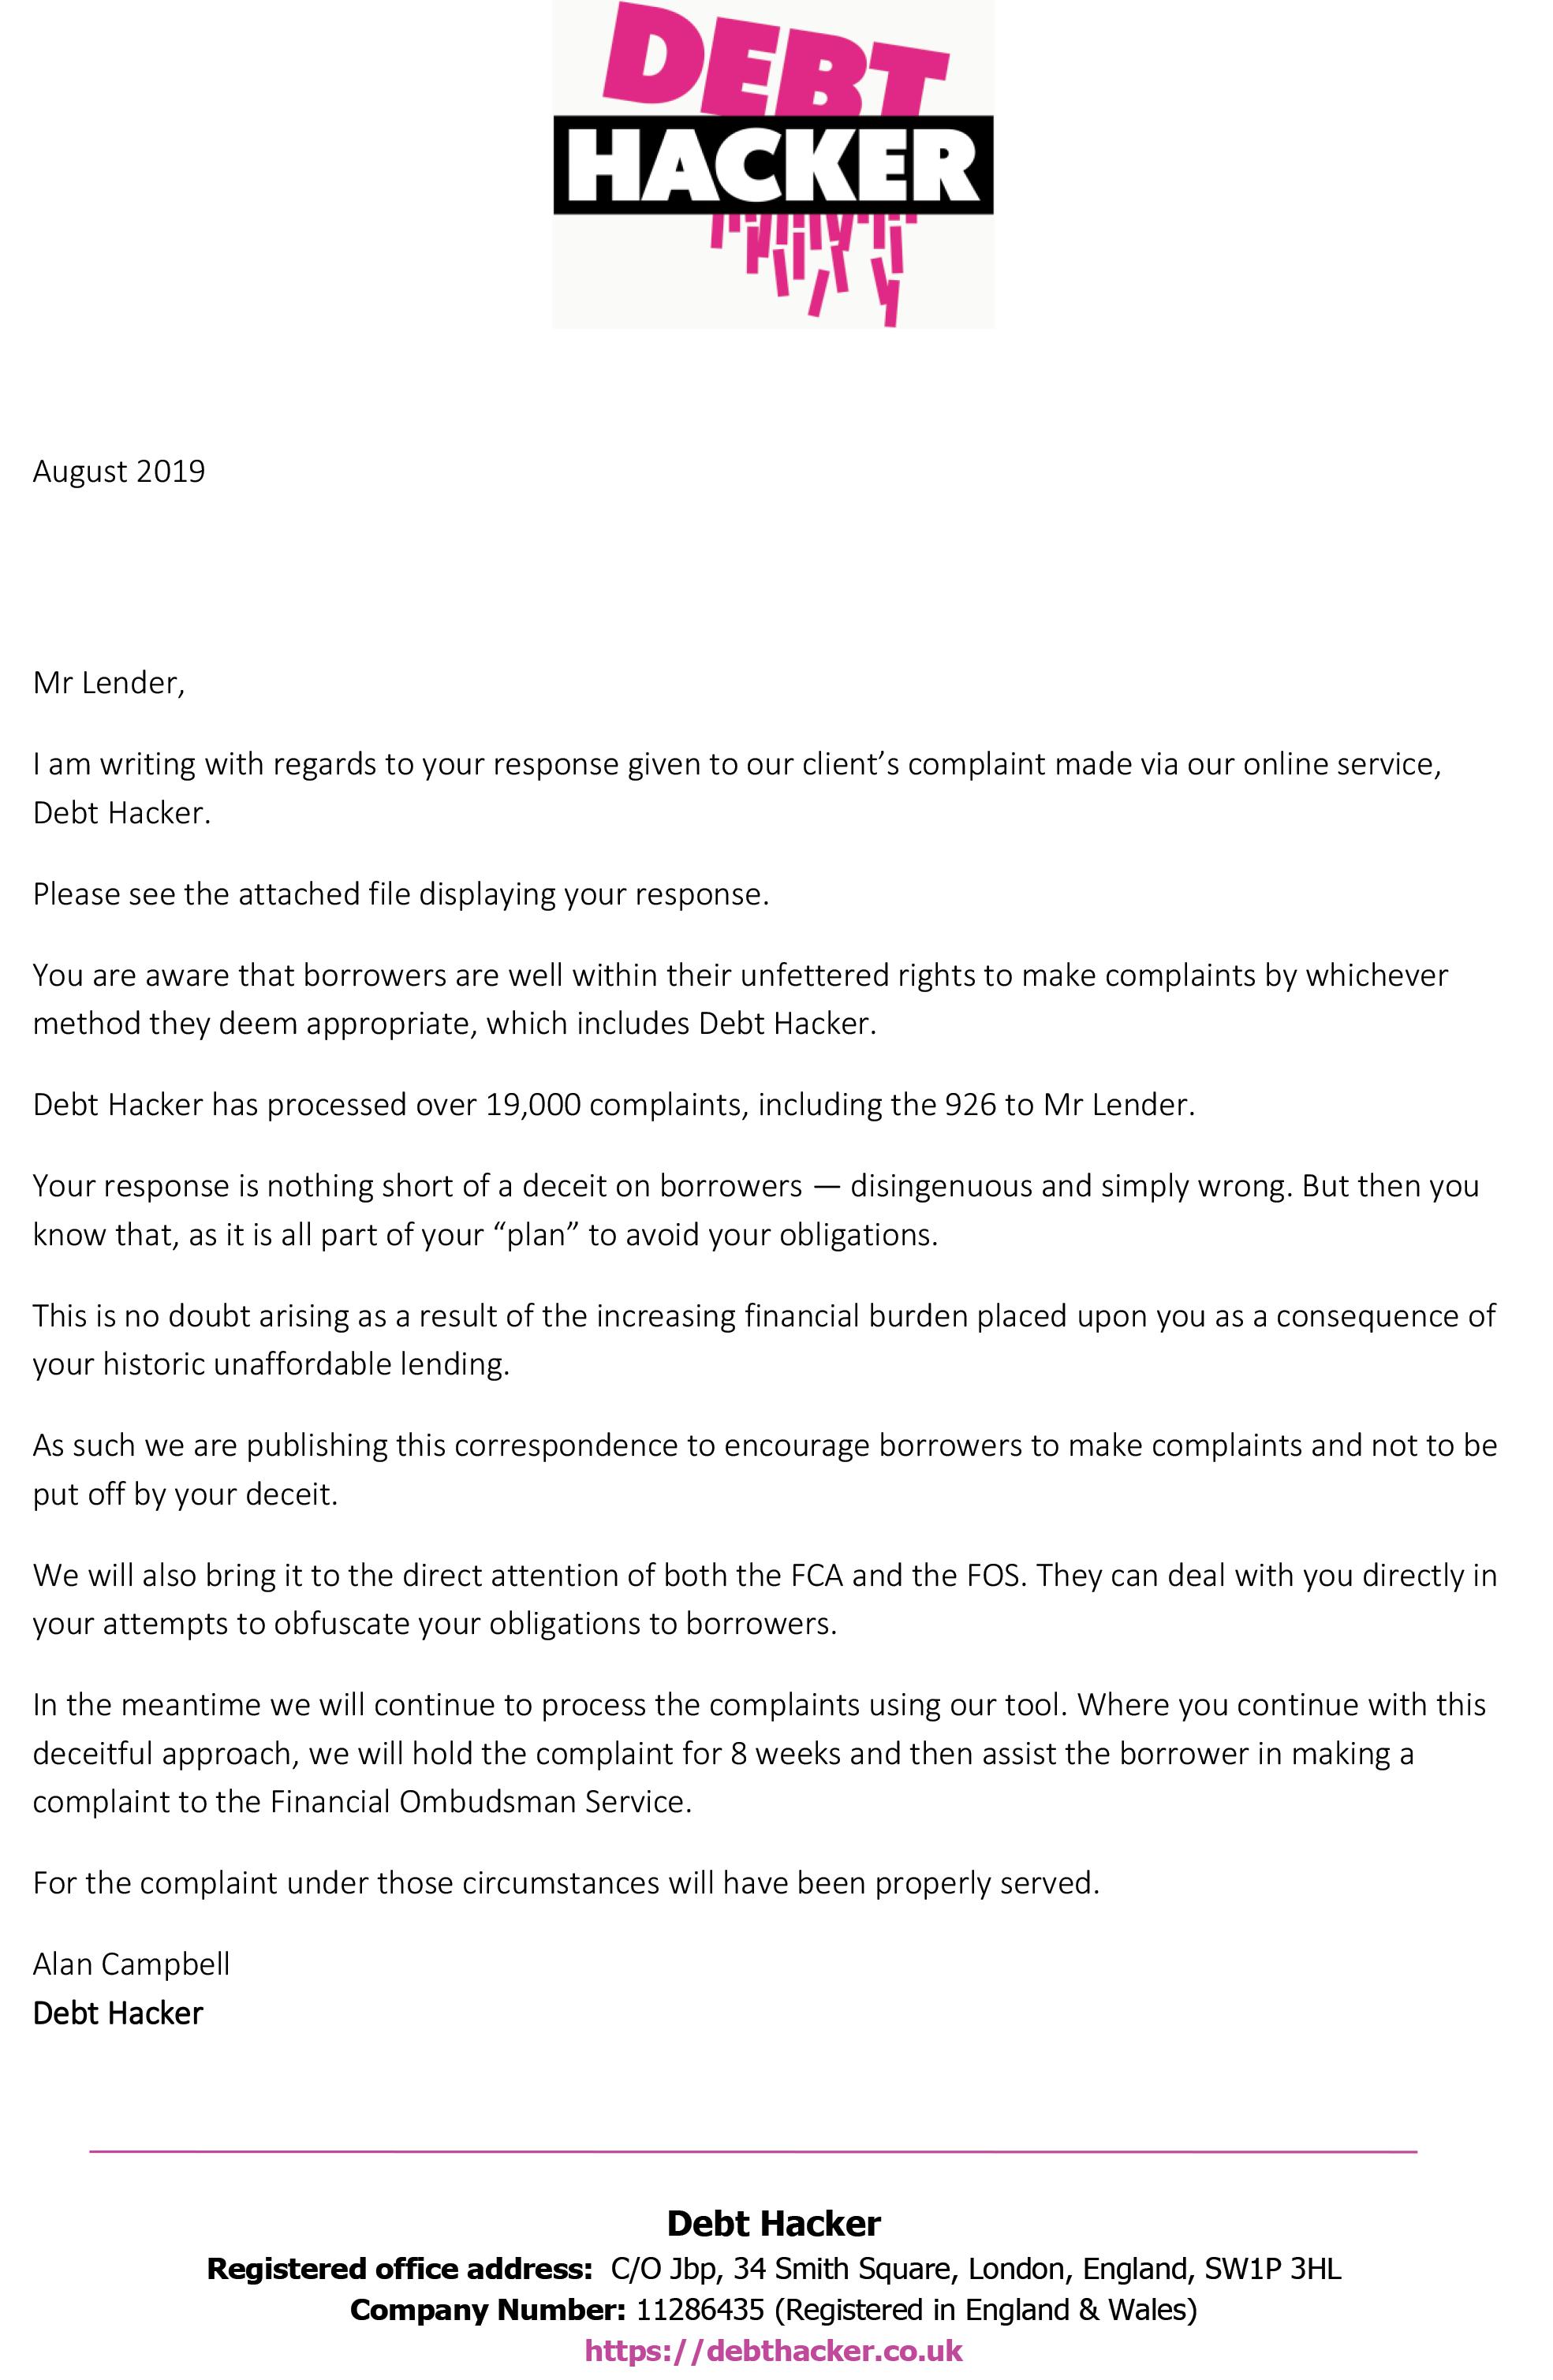 PROOFREAD-2019-08-30-Mr-Lender-response.png